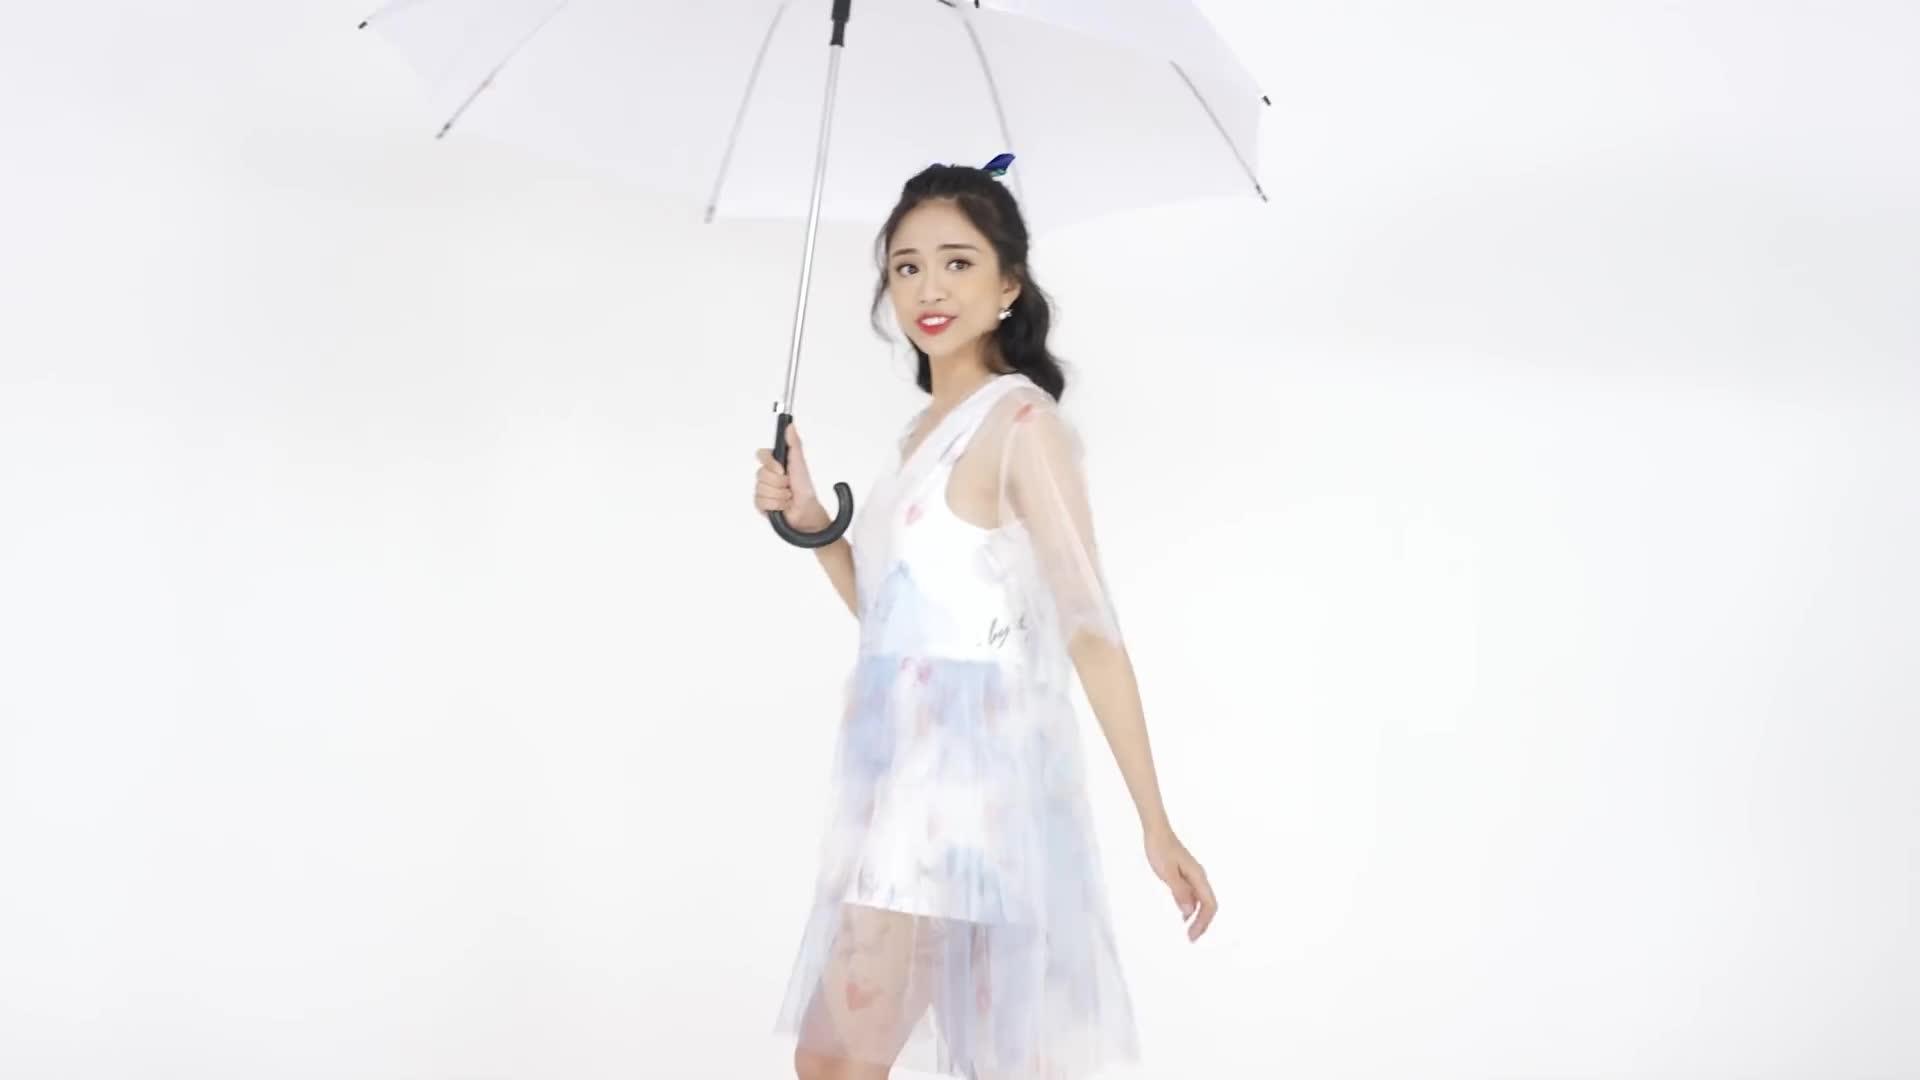 Trước khi tỏa sáng ở tập 4, Thiên Nga đã là Nữ hoàng diễn xuất với gia tài MV, phim ảnh không kém ai